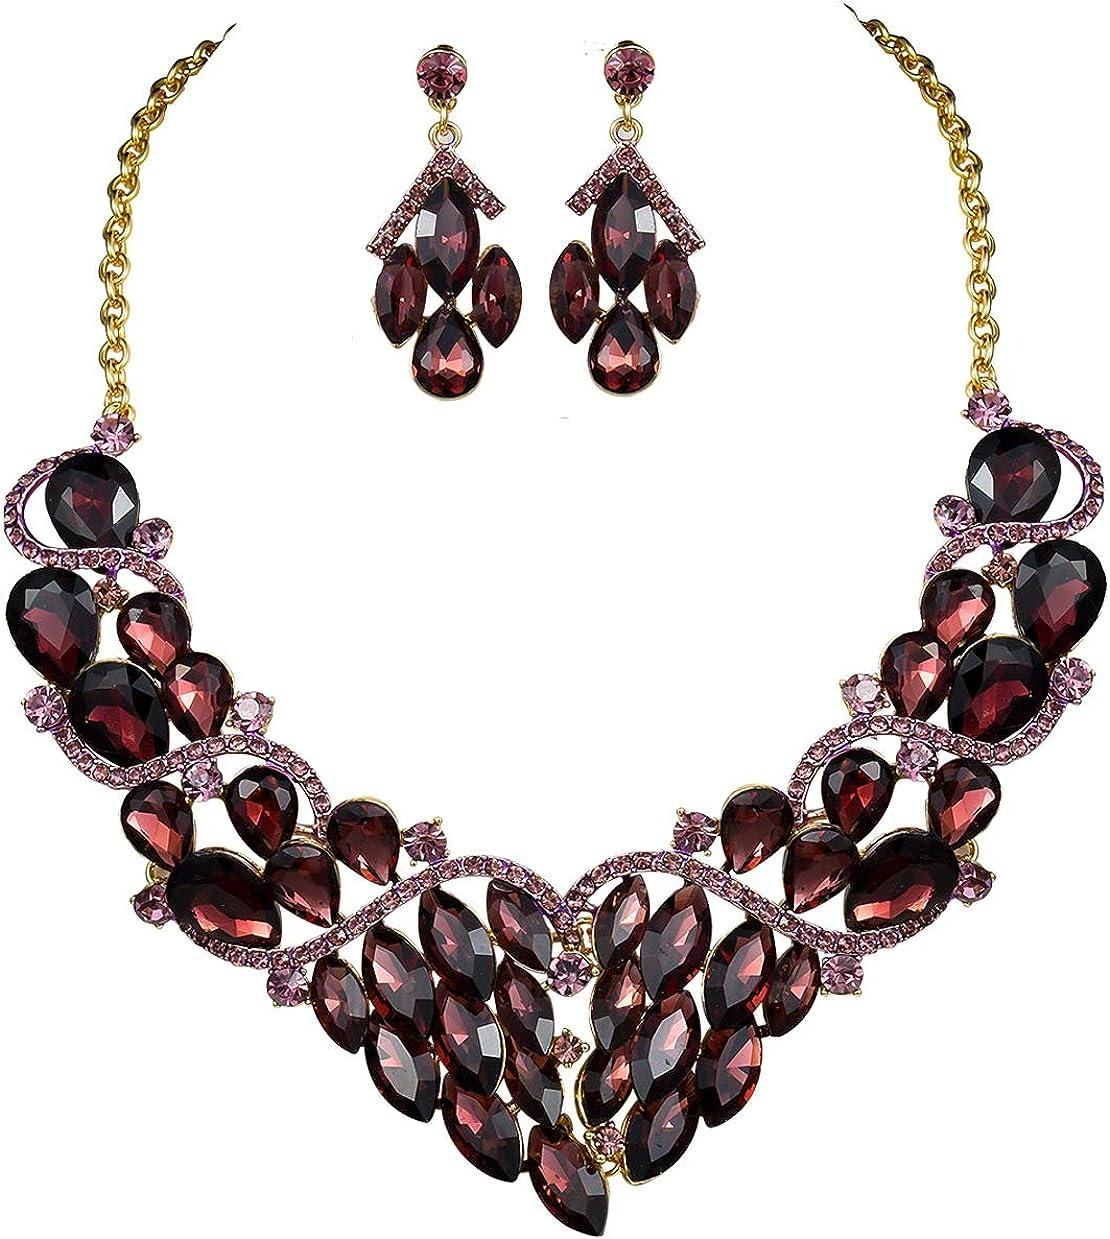 Stylish Burgundy Austrian Rhinestones Crystal Bib Necklace Earrings Set N928b